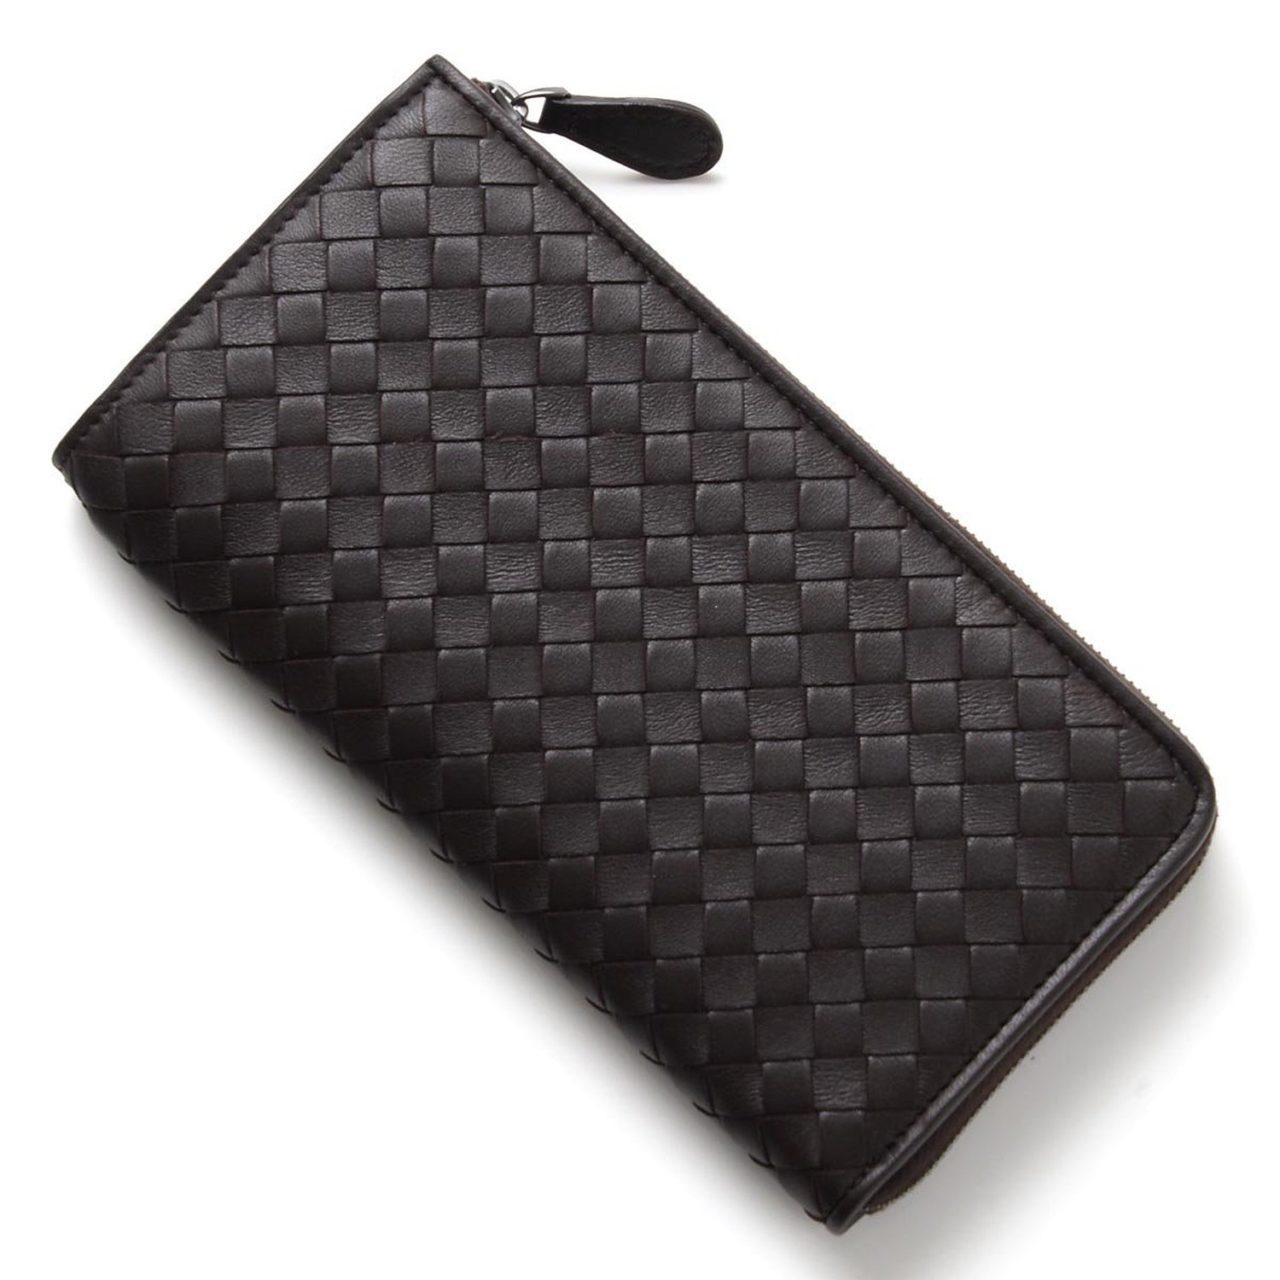 brand new 5376b e3169 ボッテガヴェネタの財布」ラムスキンのイントレチャートで優しさ ...